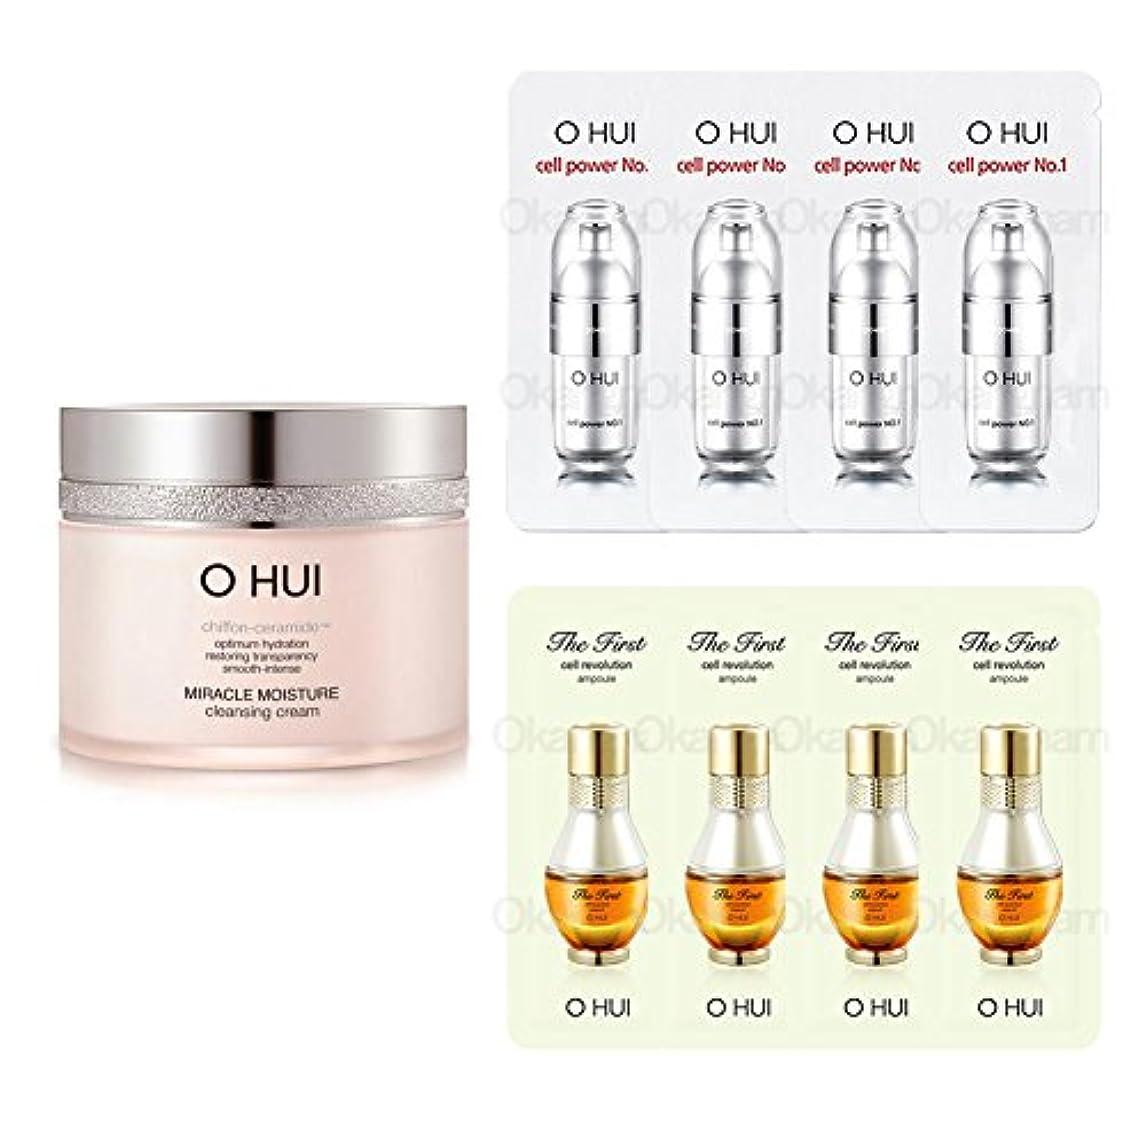 十編集する雑種[オフィ/ O HUI]韓国化粧品 LG生活健康/OHUI Miracle Moisture Cleansing Cream/ミラクル モイスチャー クレンジング クリーム200ml +[Sample Gift](海外直送品)